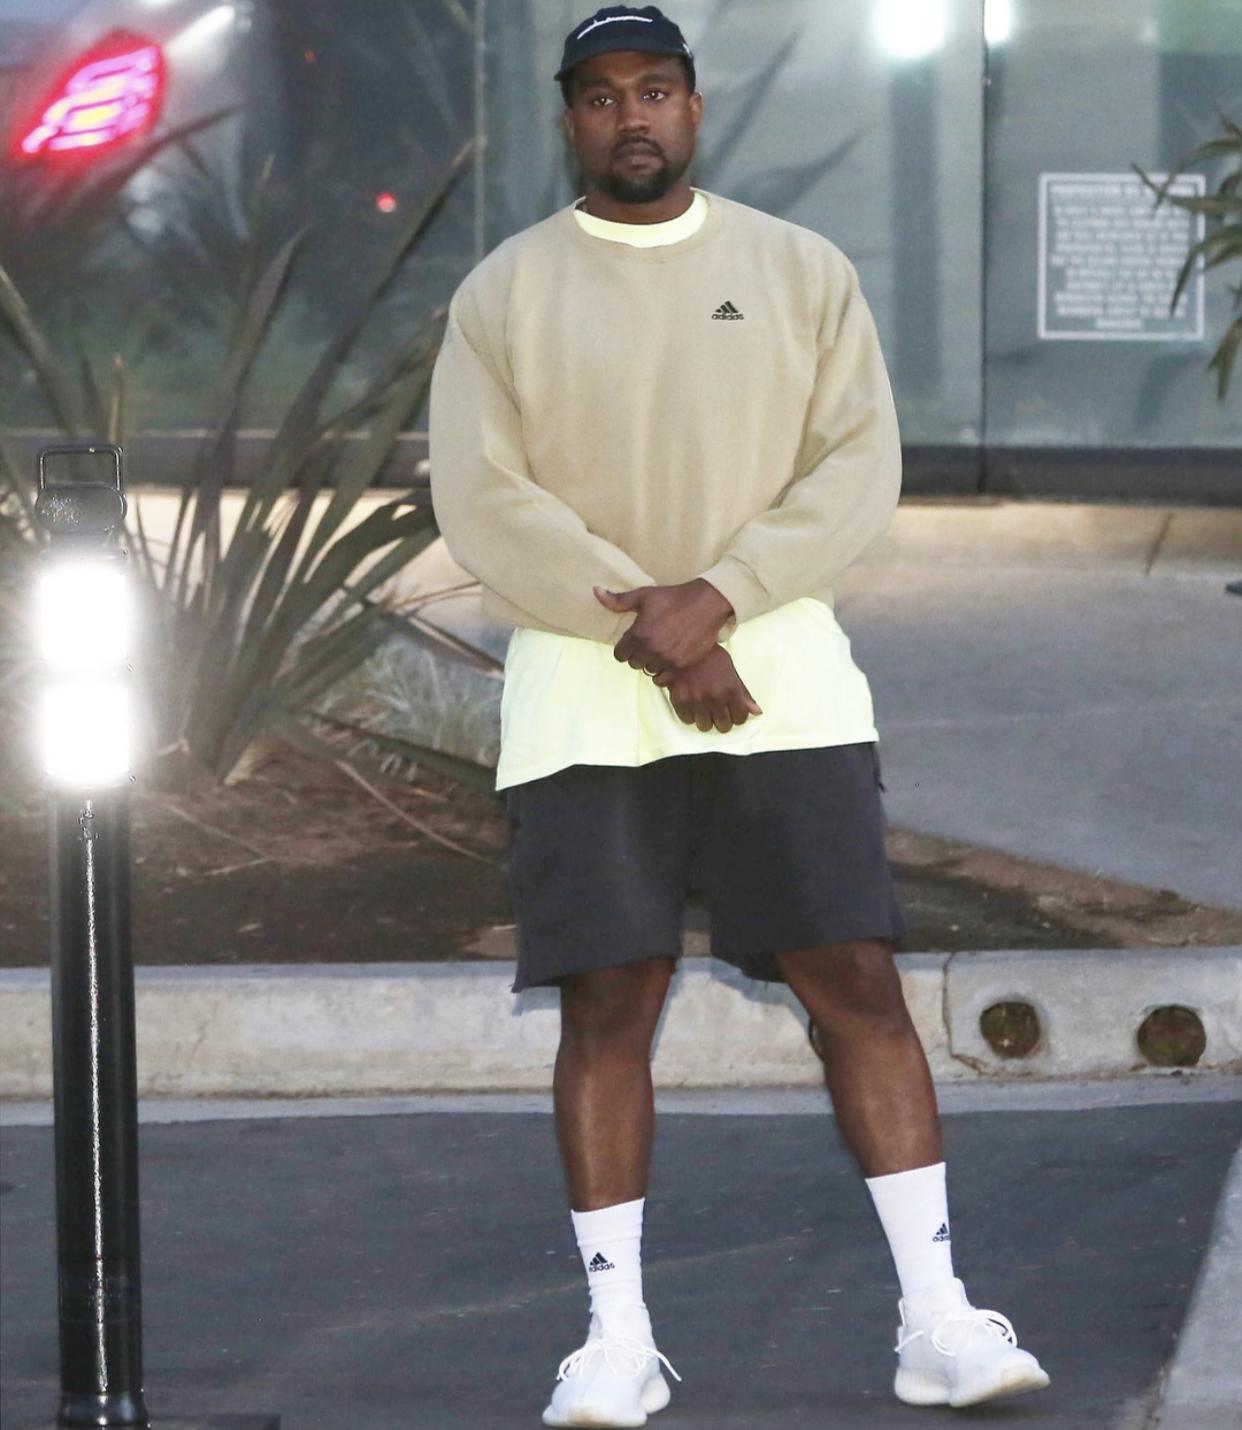 Kanyewest Adidas Yeezy Kanye West Outfits Kanye West Style Yeezy Fashion